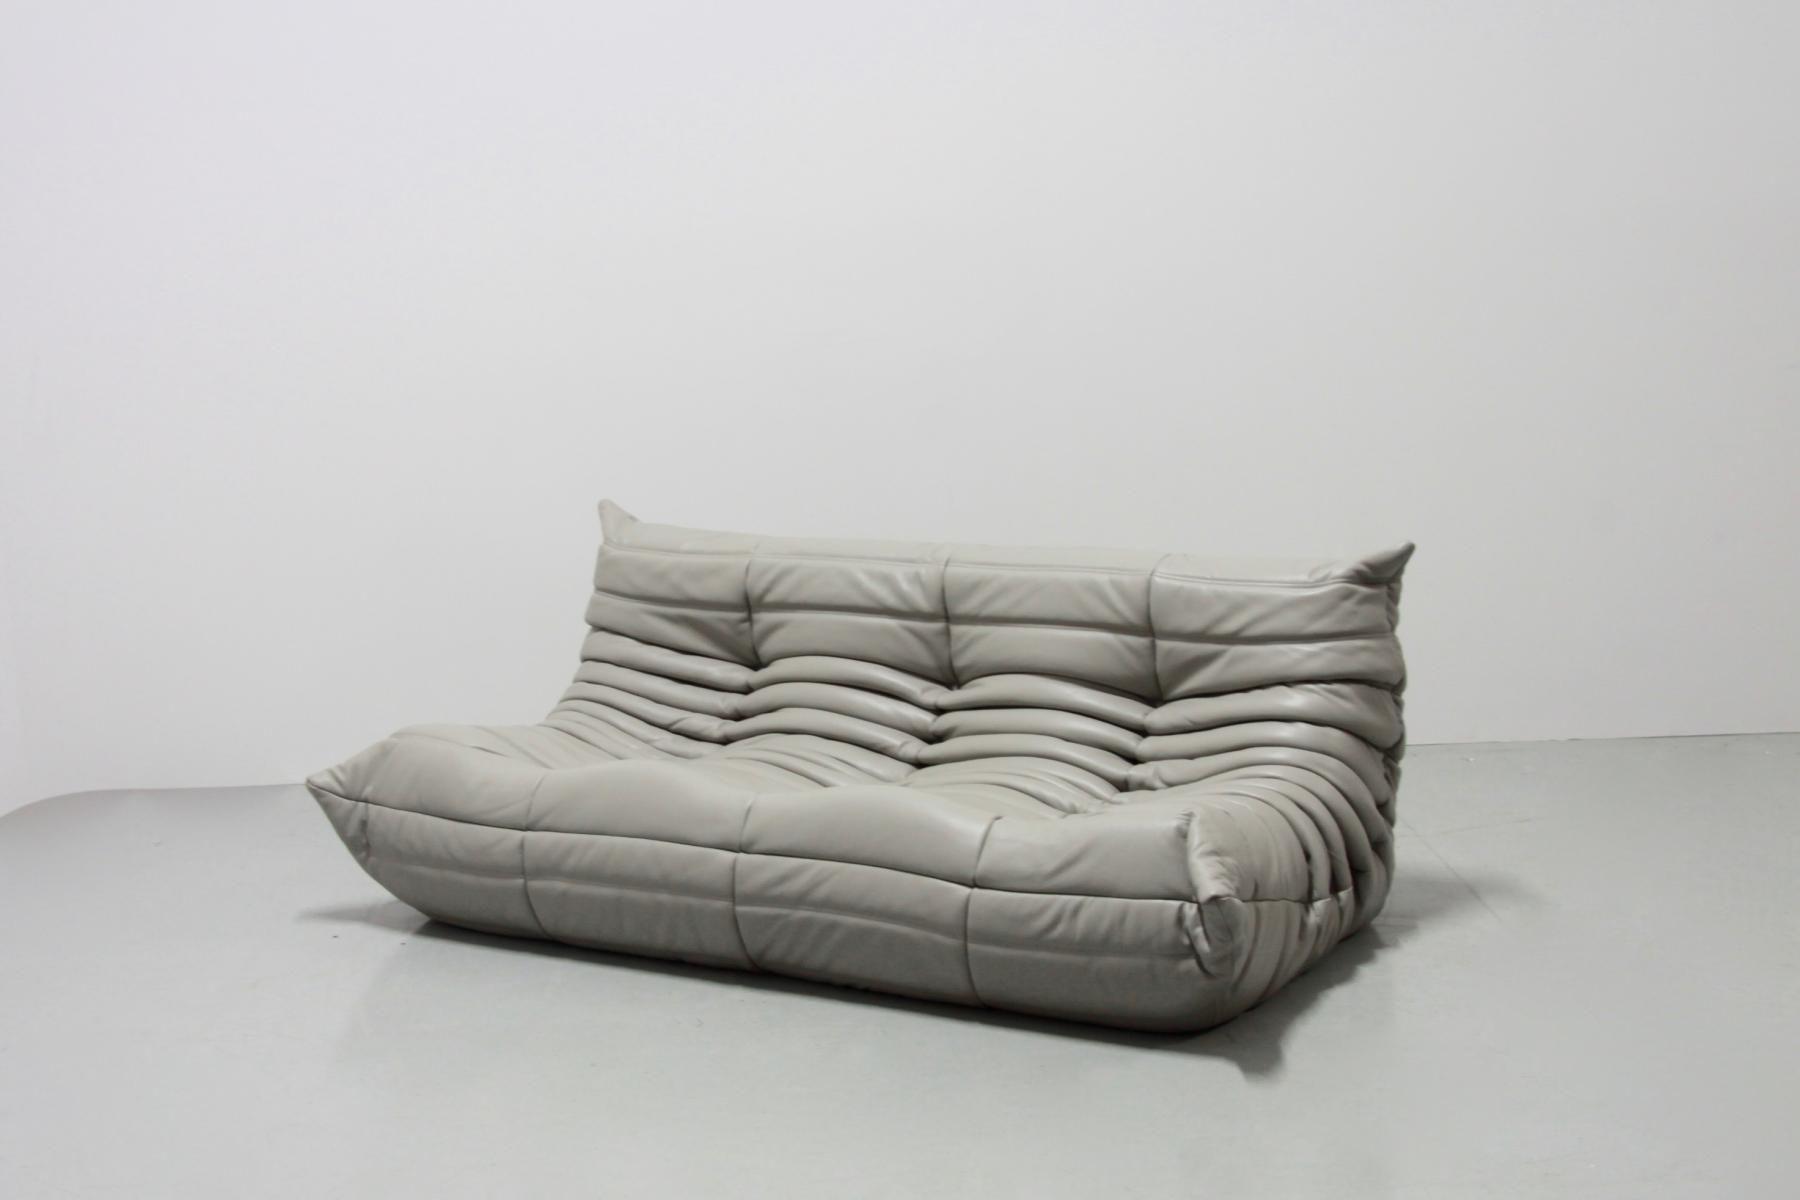 Wunderbare Licht Grau Leder Sofa   Schreibtisch Ein Chesterfield Sofa Auch  Bekannt Als König Des Sofas